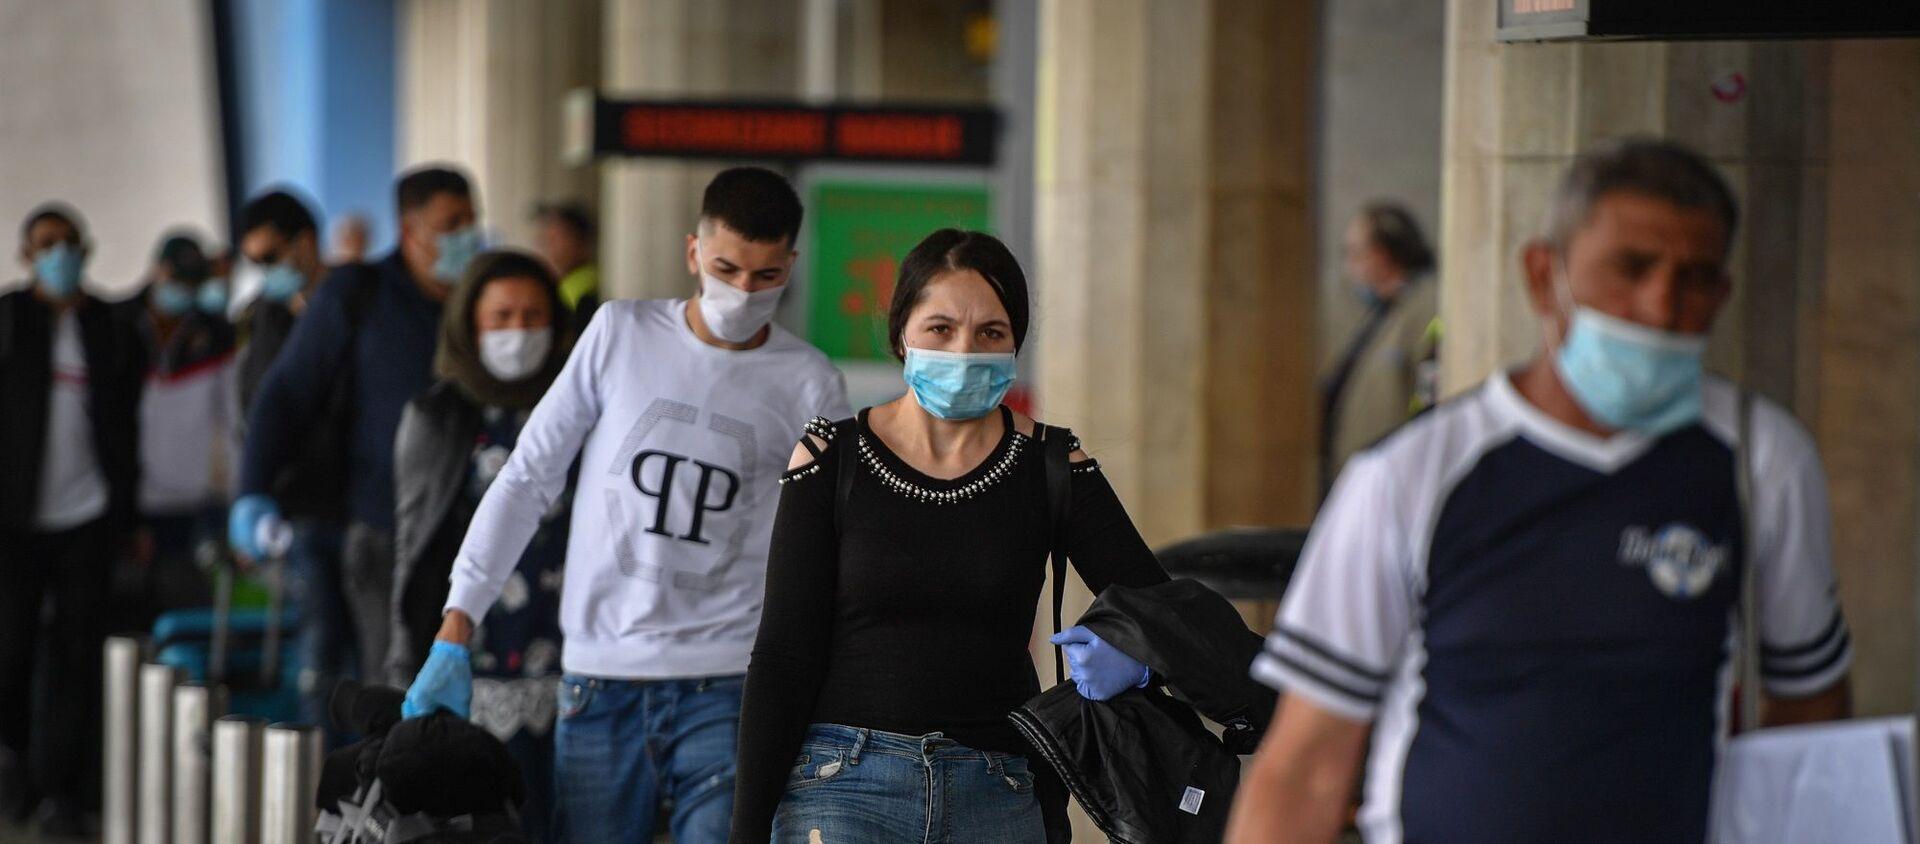 Romanya - Bükreş - havalimanı - maske - koronavirüs - Sputnik Türkiye, 1920, 02.02.2021